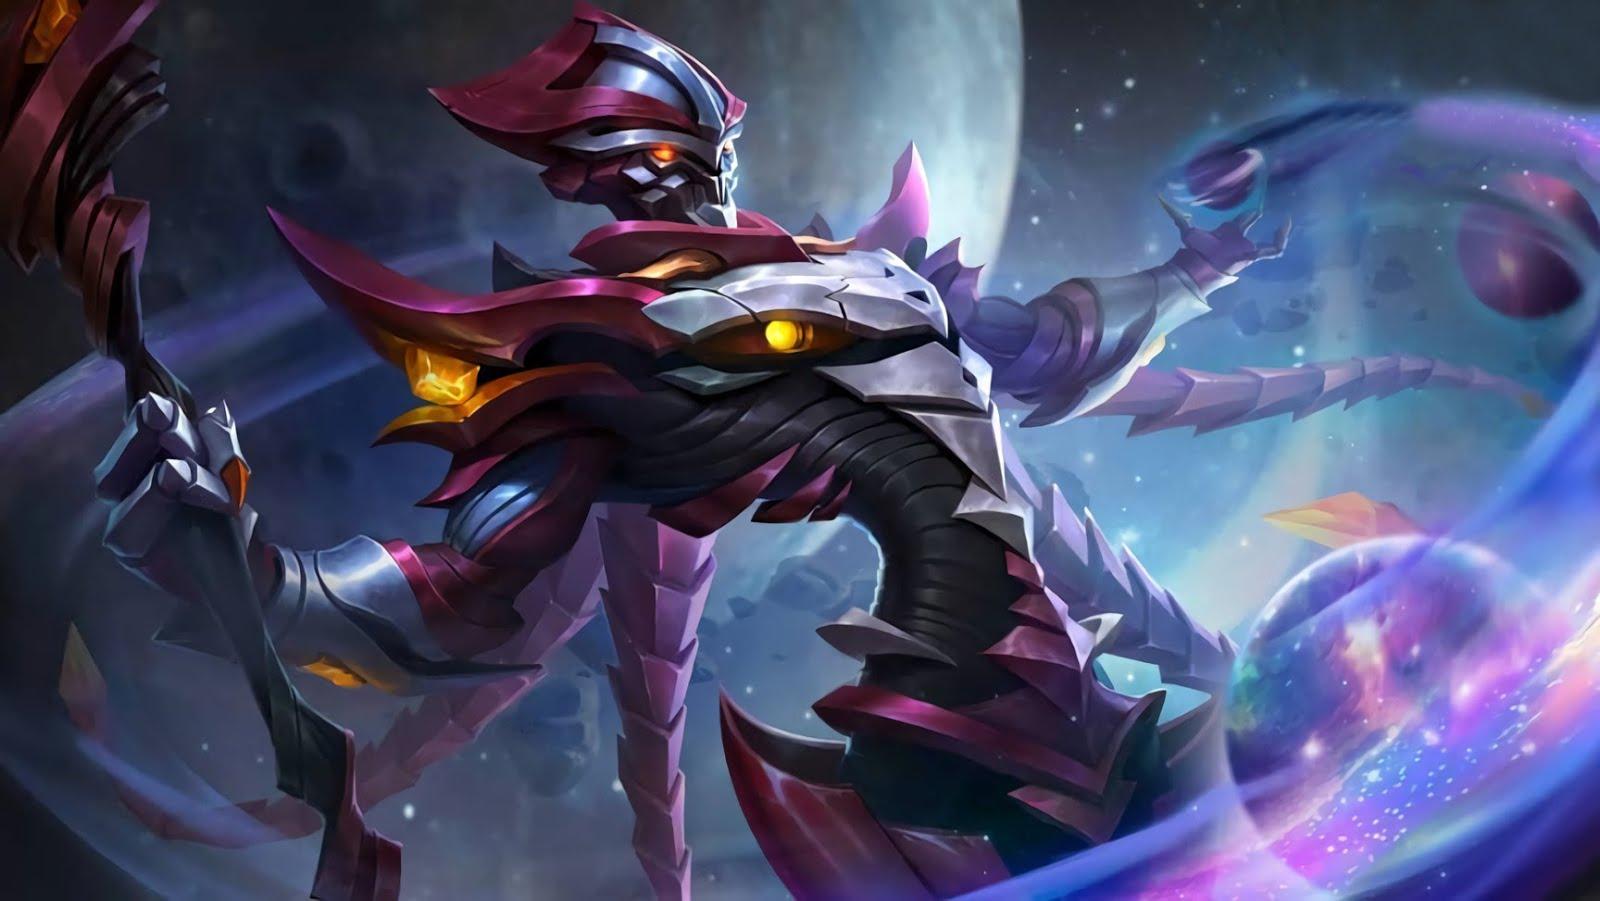 Mobile Legends Hero Paling Sering Menang Di Mode Ranked U2013 Agustus W2 Kincir Com